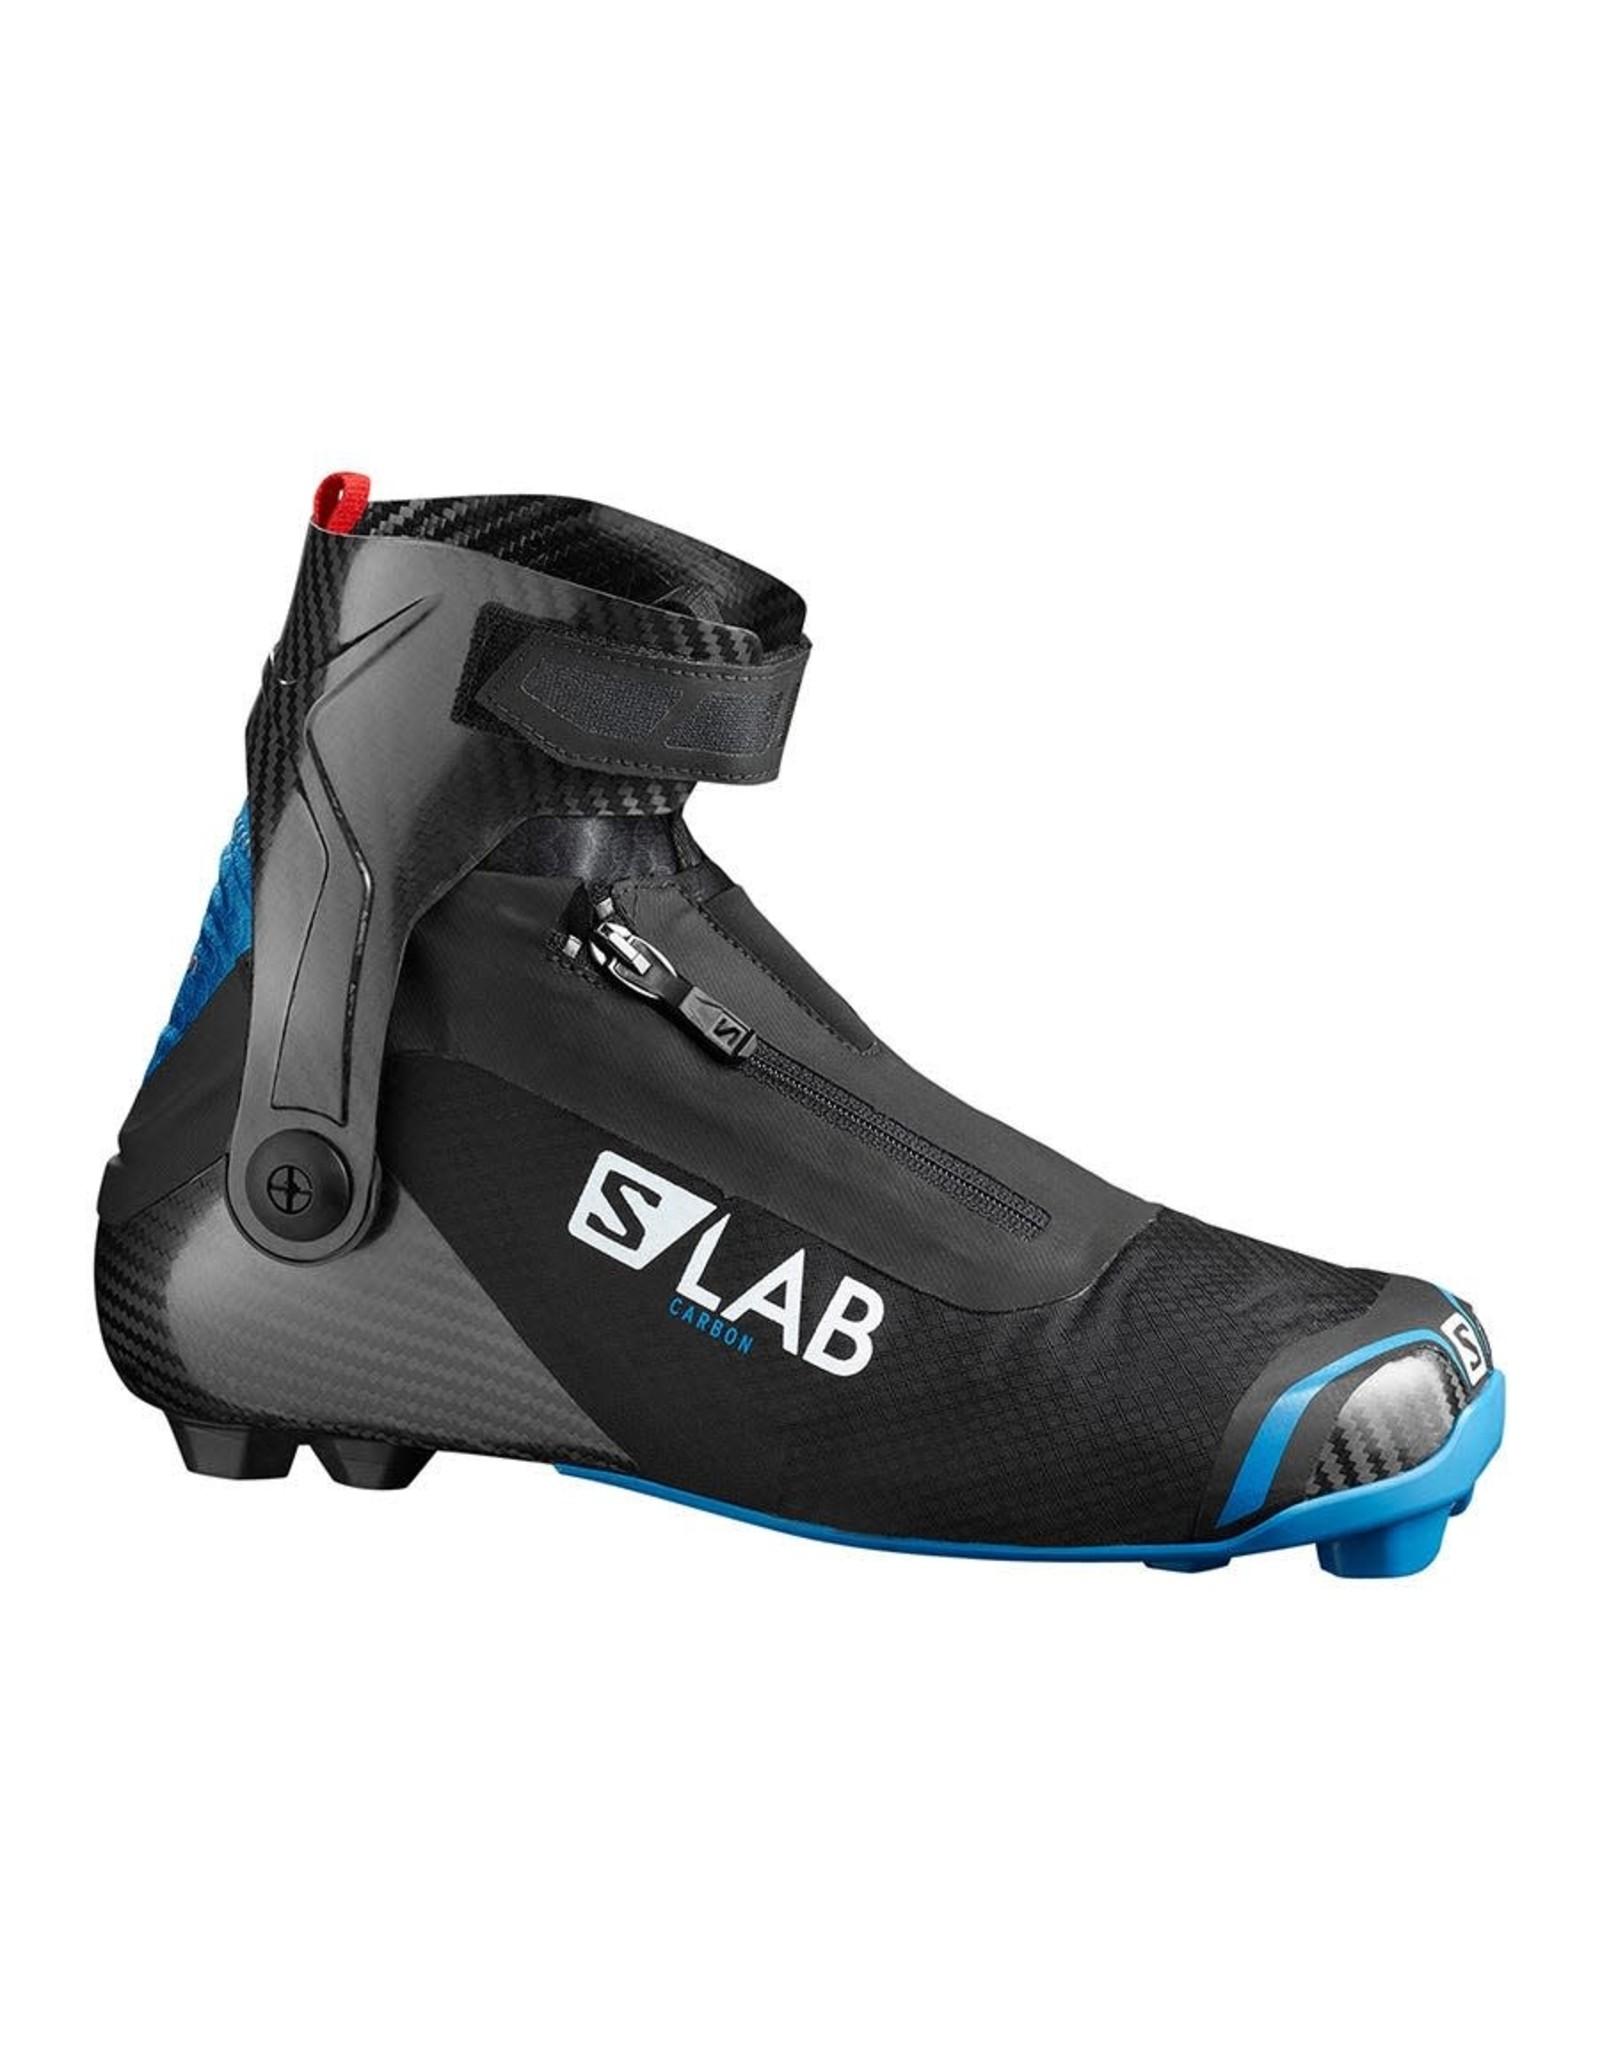 Salomon Salomon S/LAB Carbon Pursuit Prolink Boot